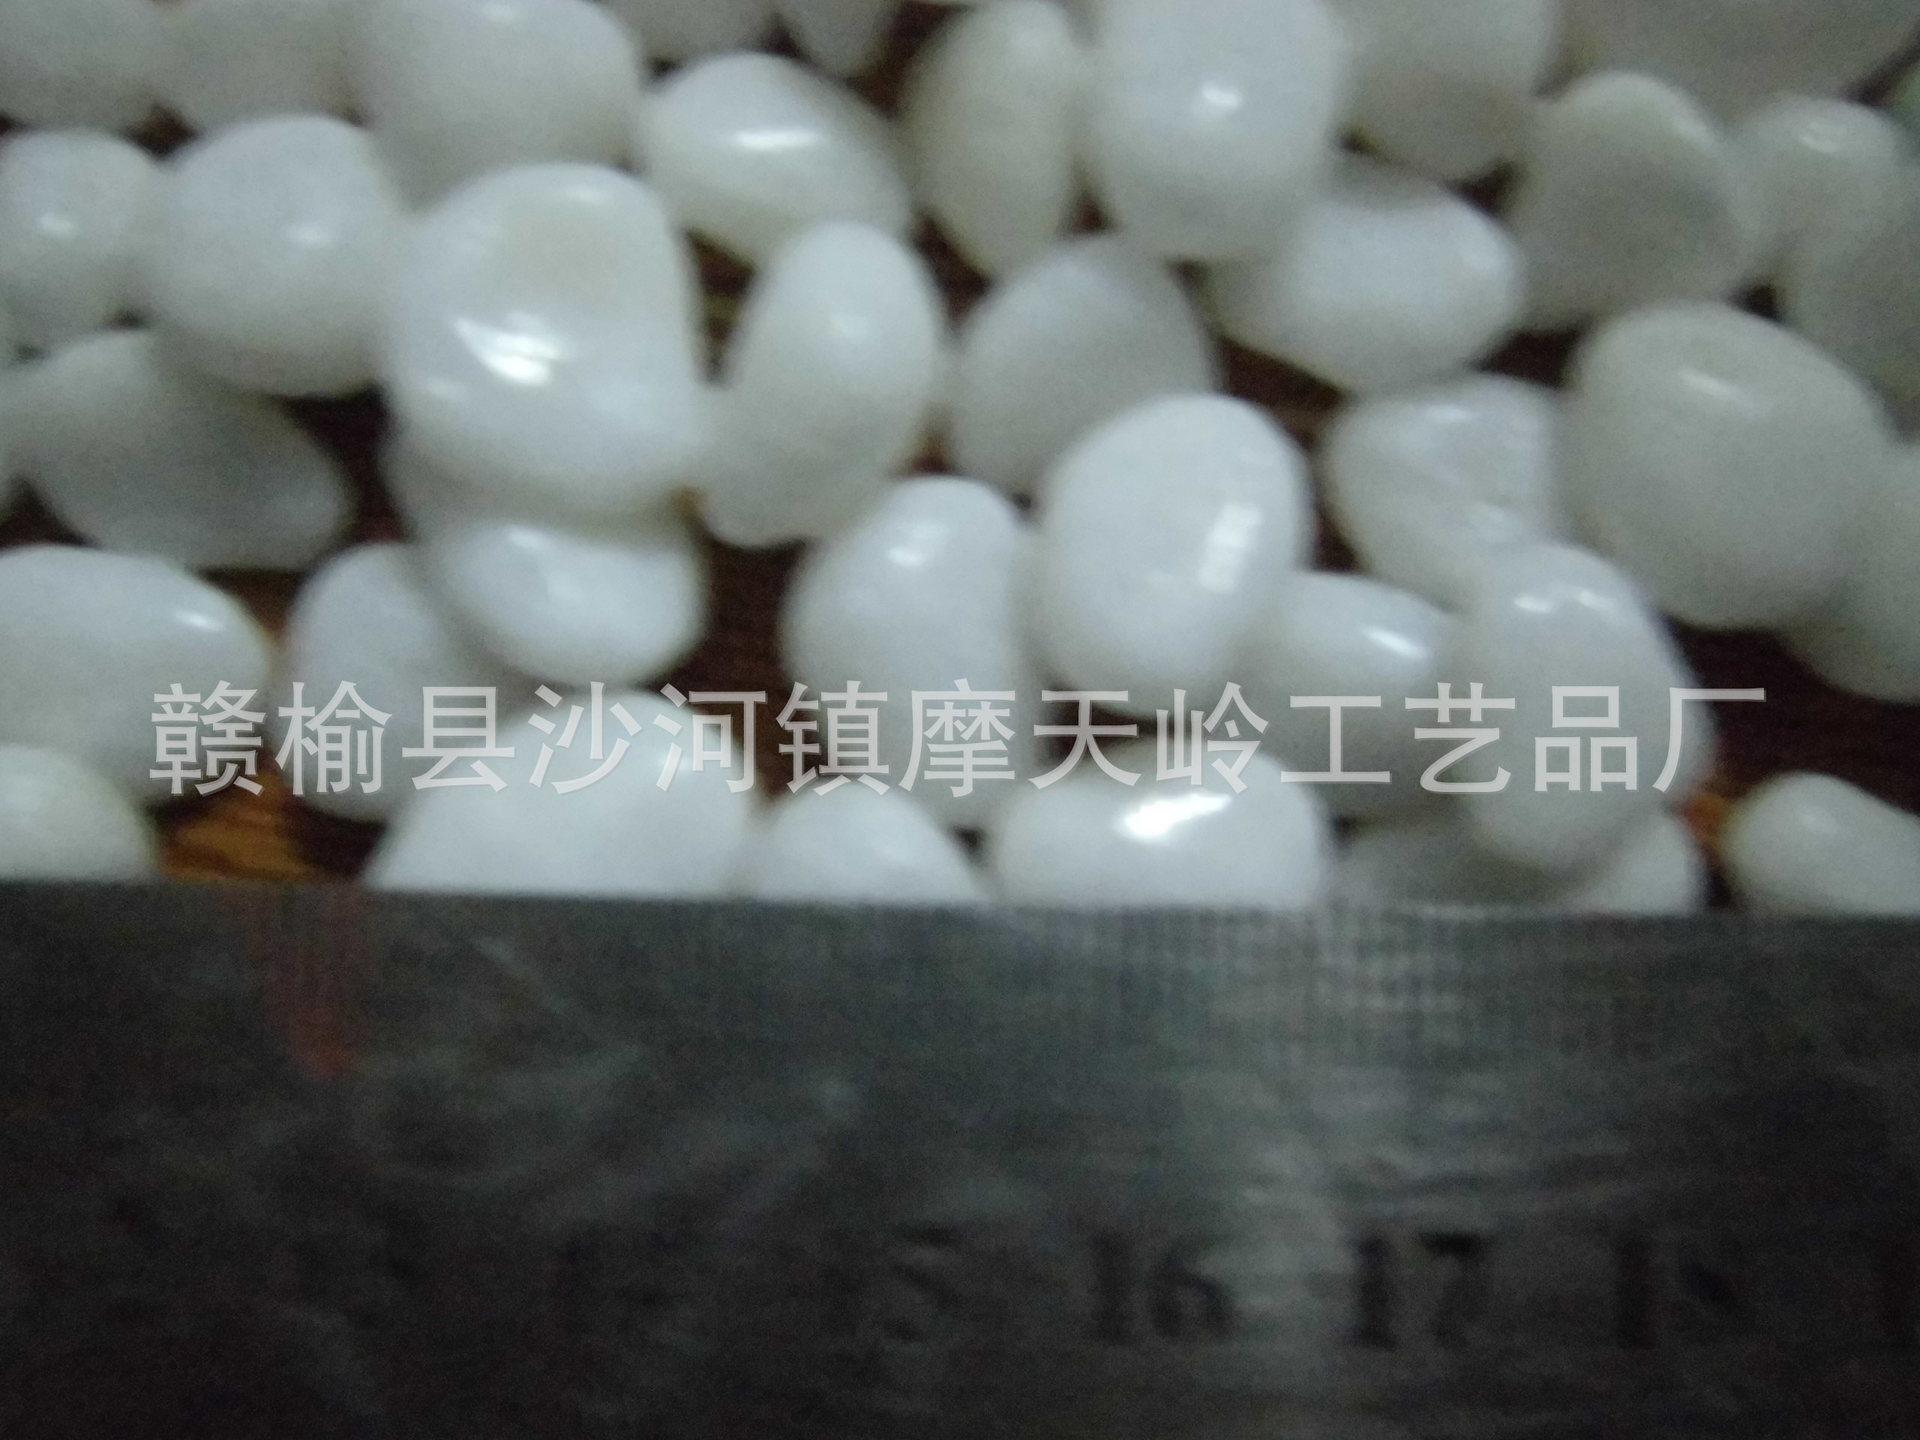 白色鹅卵石 赣榆工艺品直销 五彩石 彩砂 白色鹅卵石 阿里巴巴